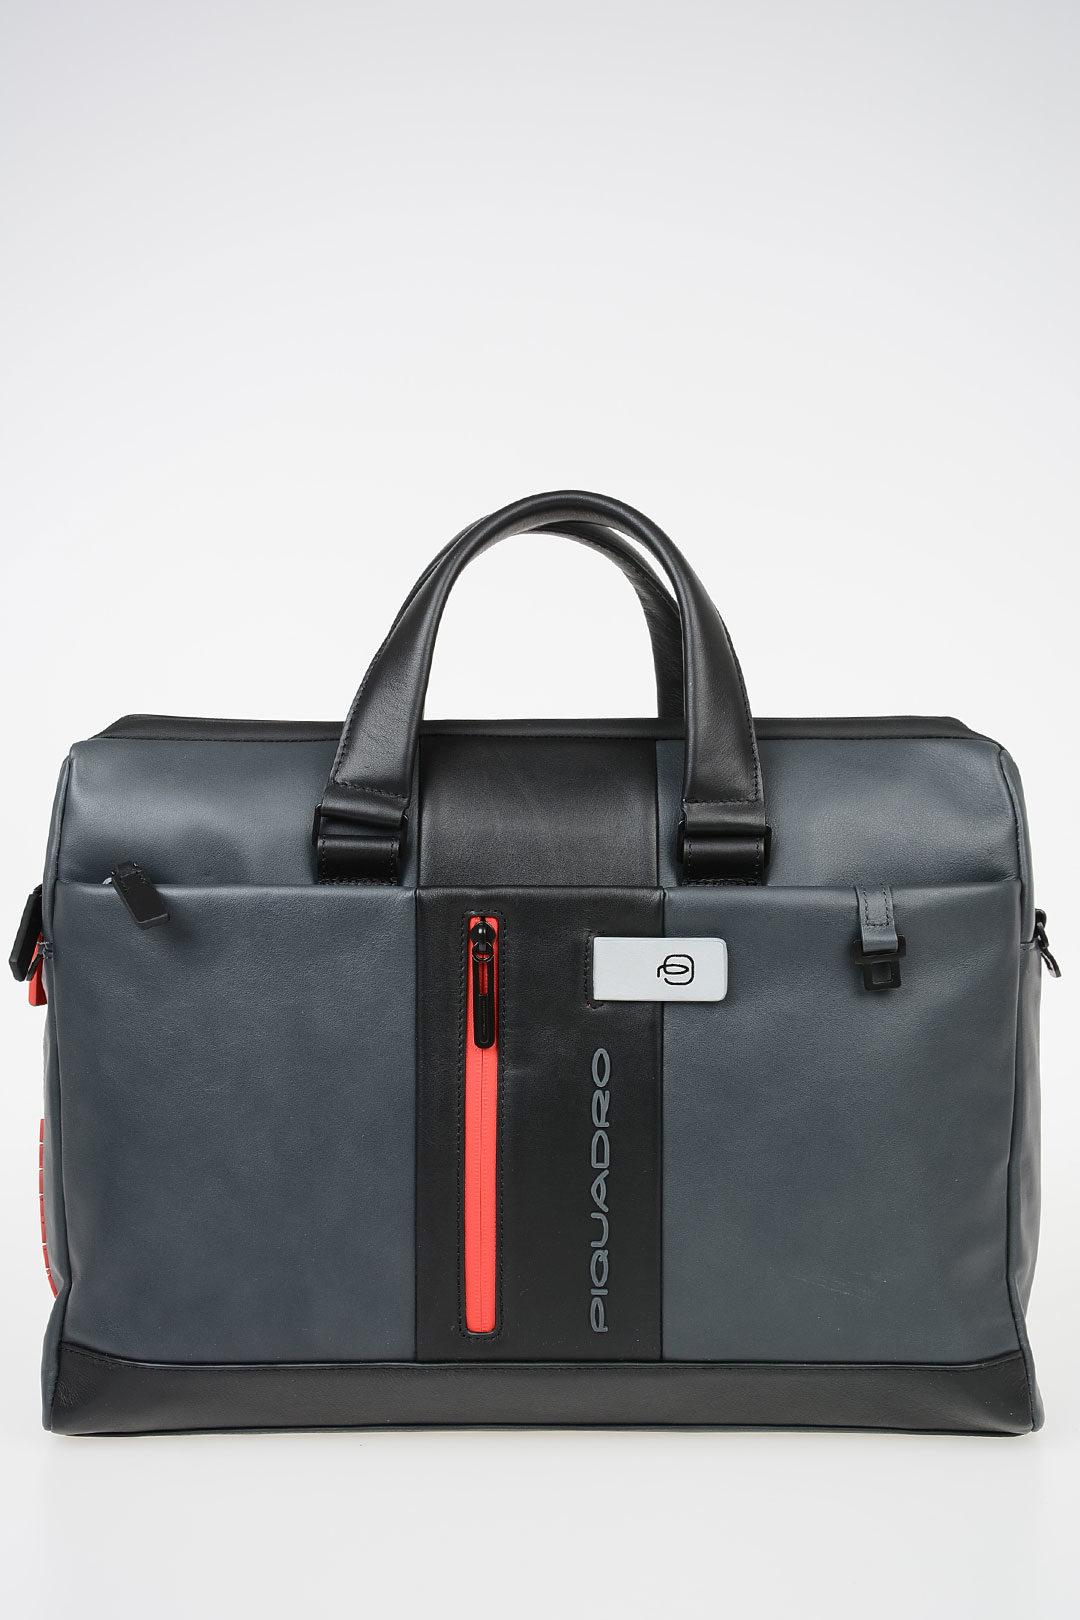 3db76f5ee5 URBAN Cartella in Pelle iPad® Grigio Piquadro uomo - Cuoieria Shop ...